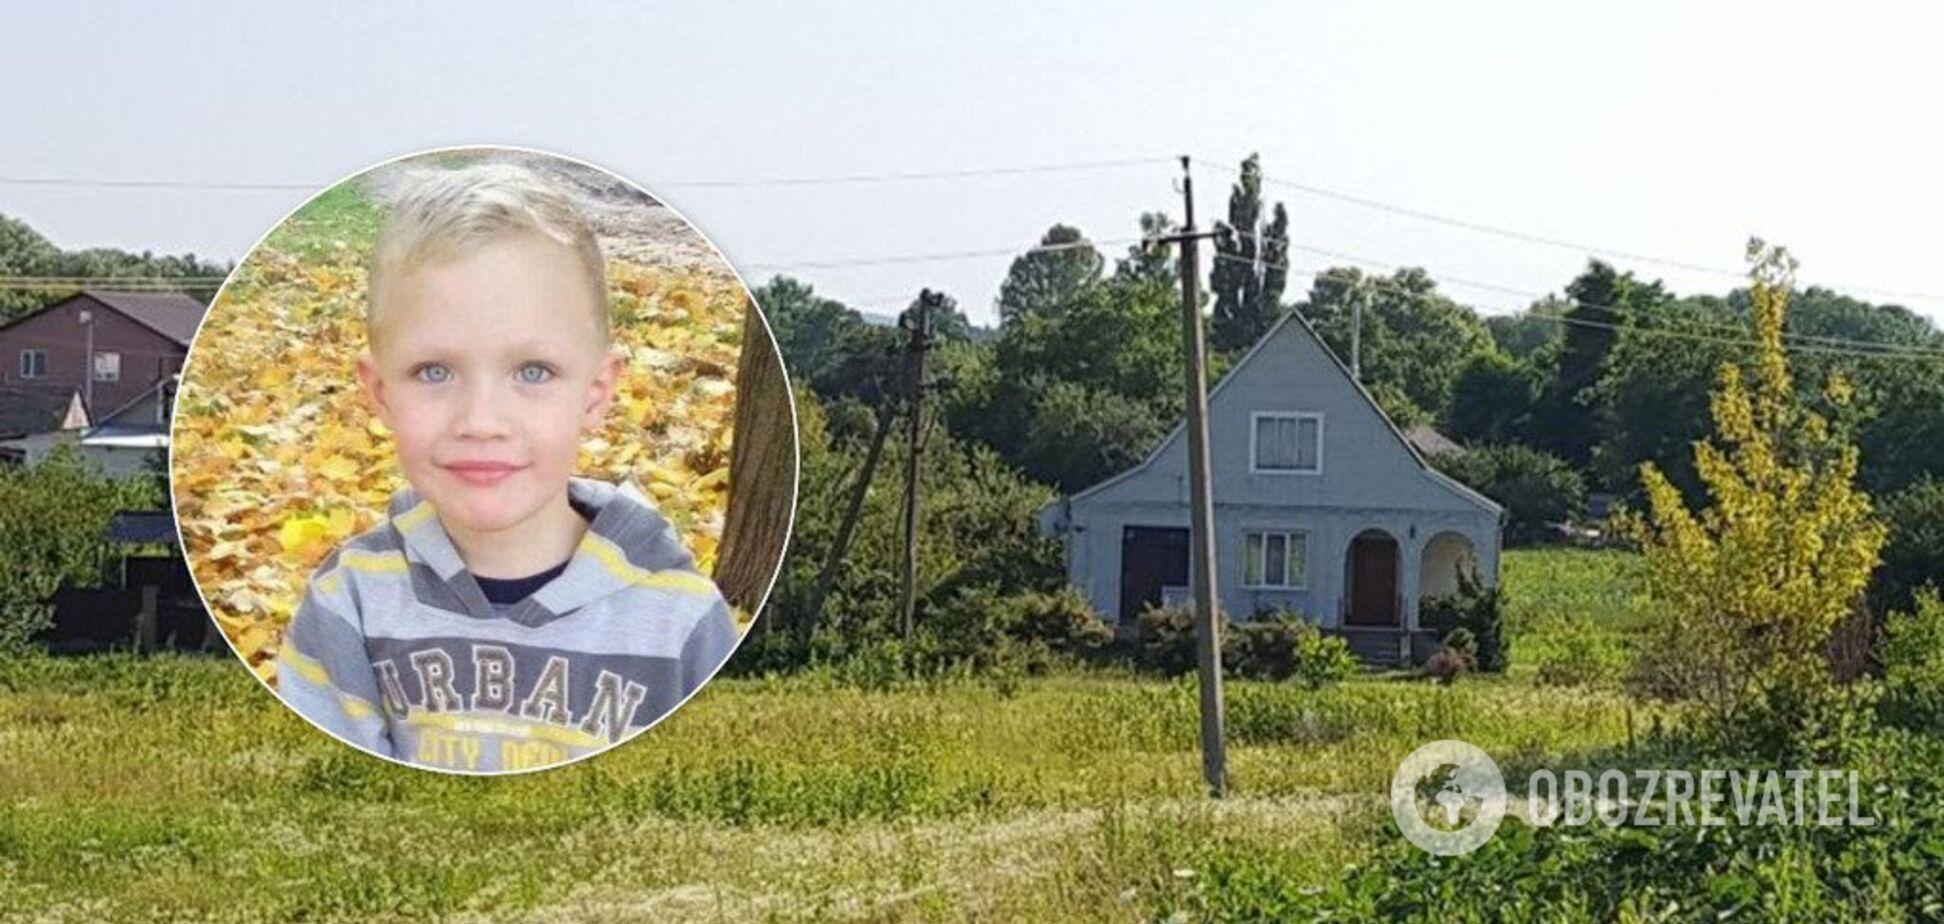 Вбивство 5-річної дитини копами: головний доказ загадково зник, а експертизи провалили